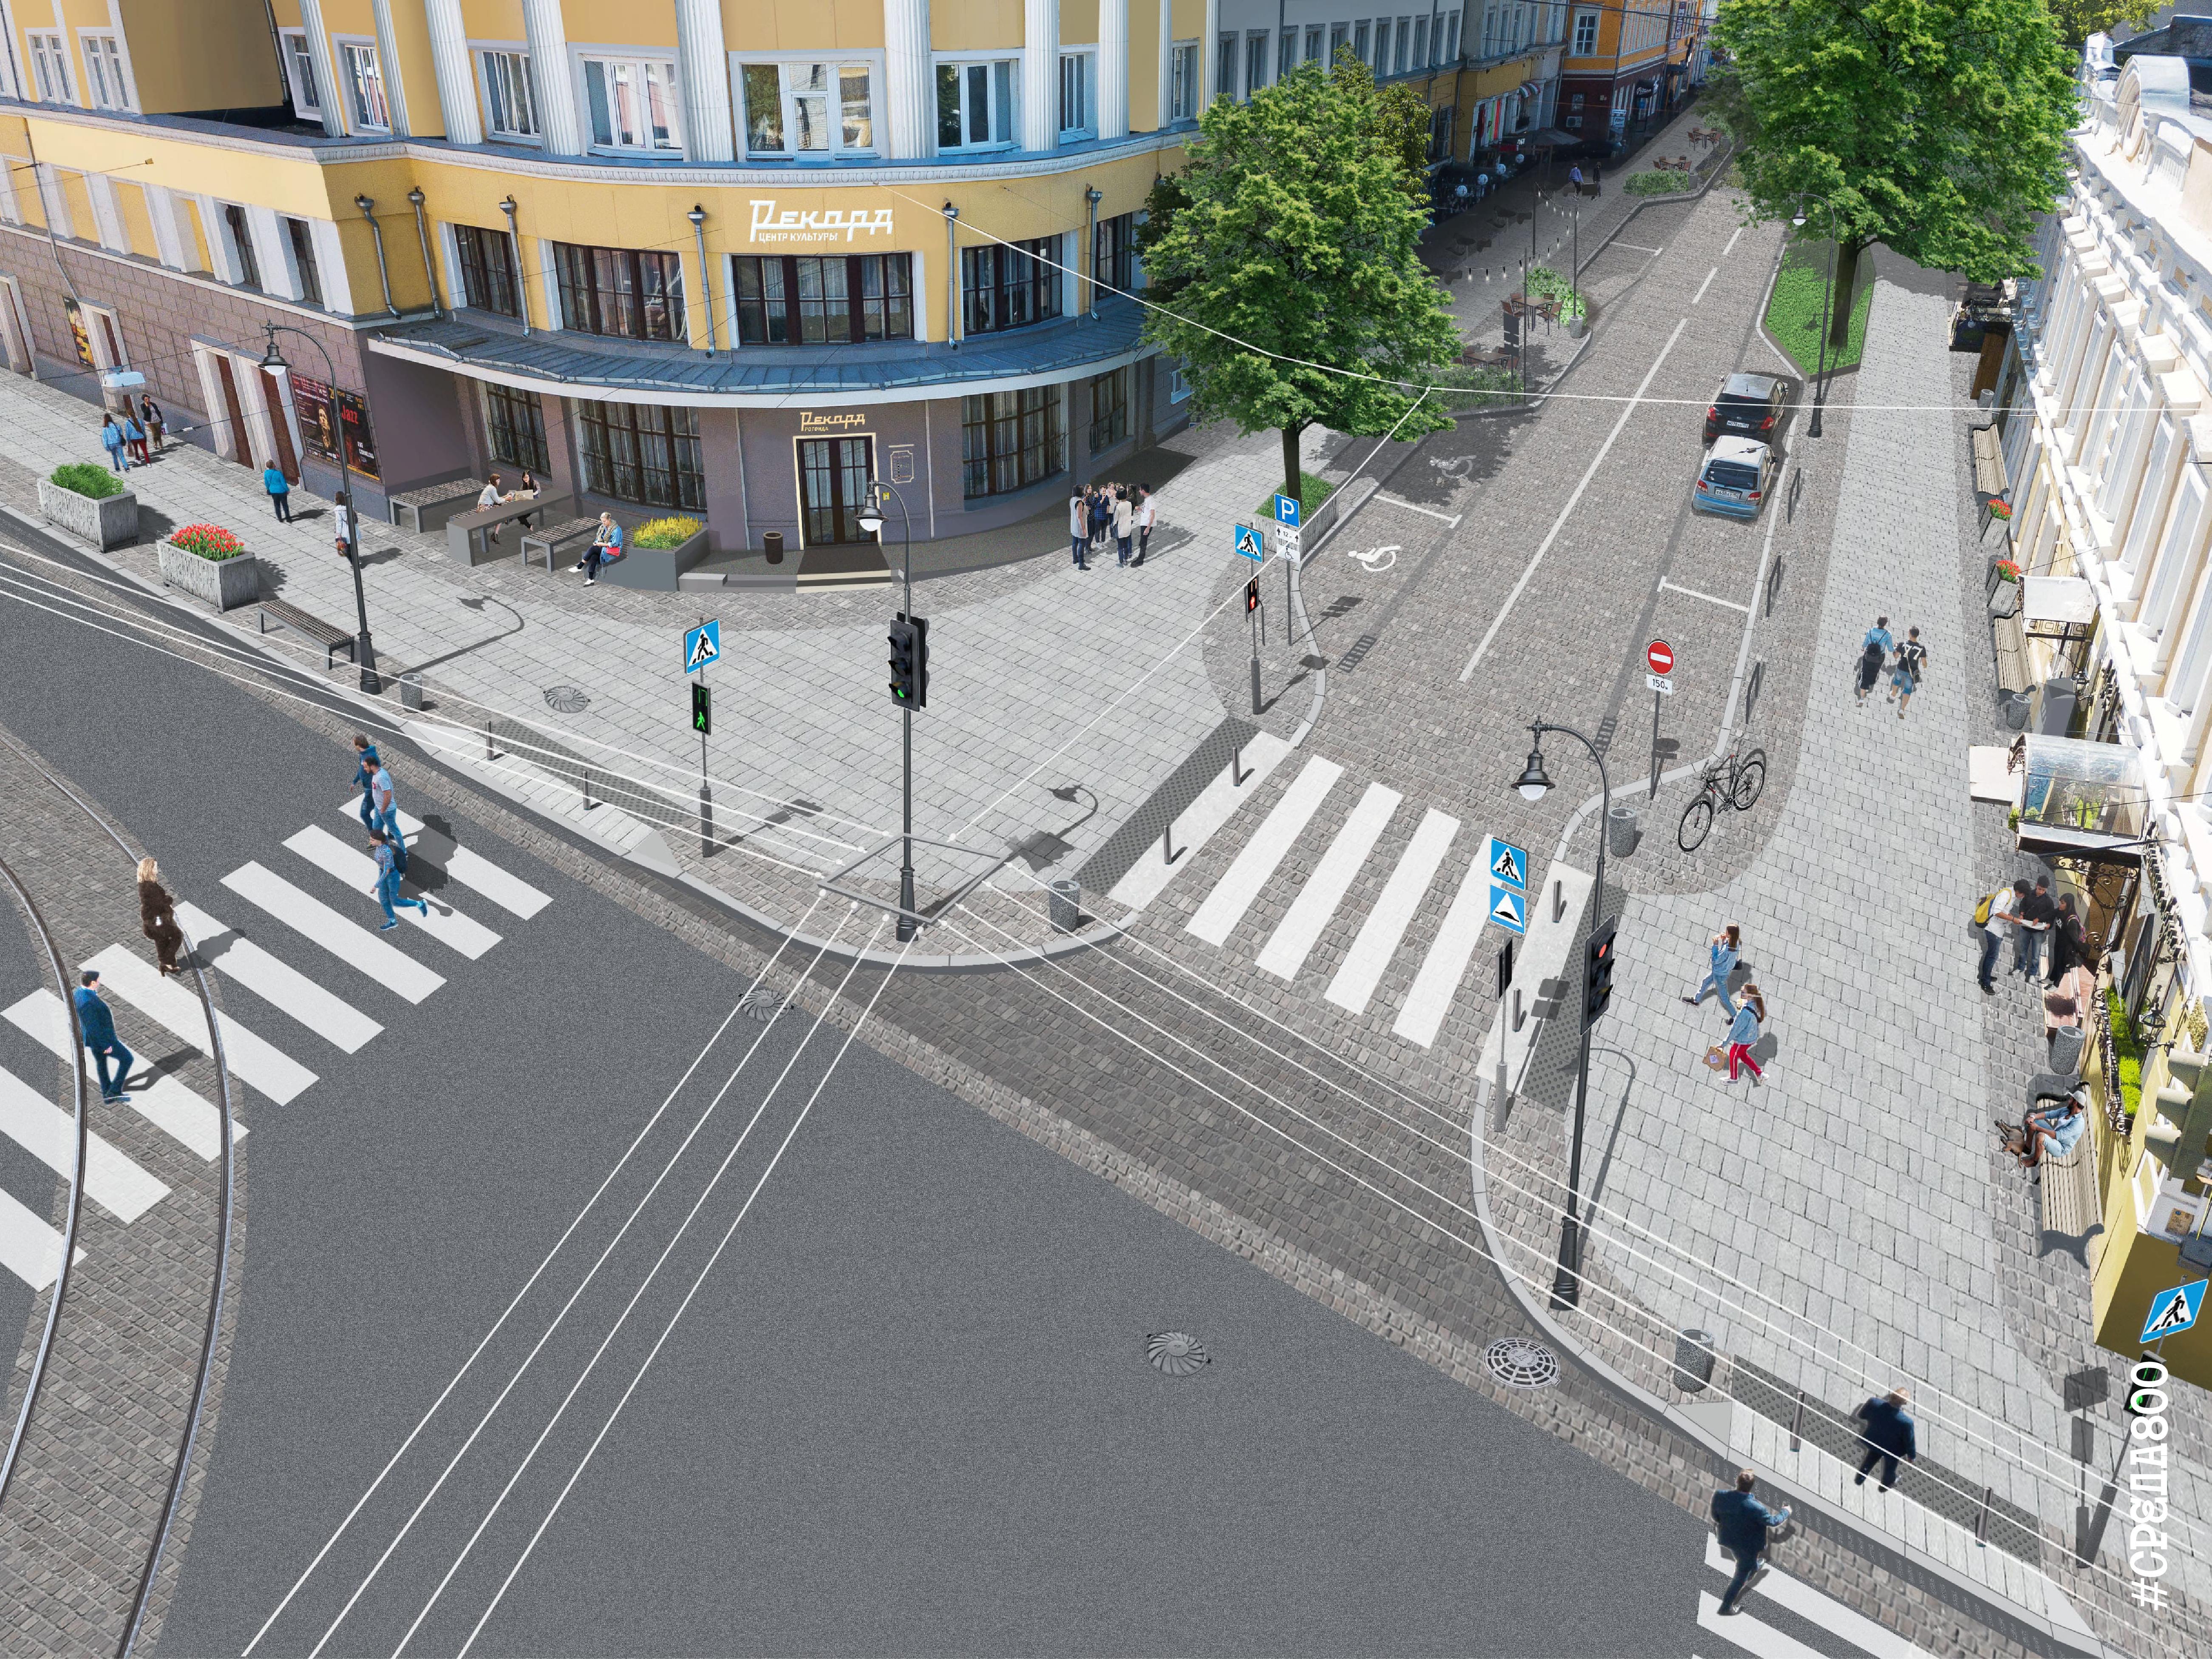 План благоустройства улицы Алексеевской в Нижнем Новгороде - фото 1